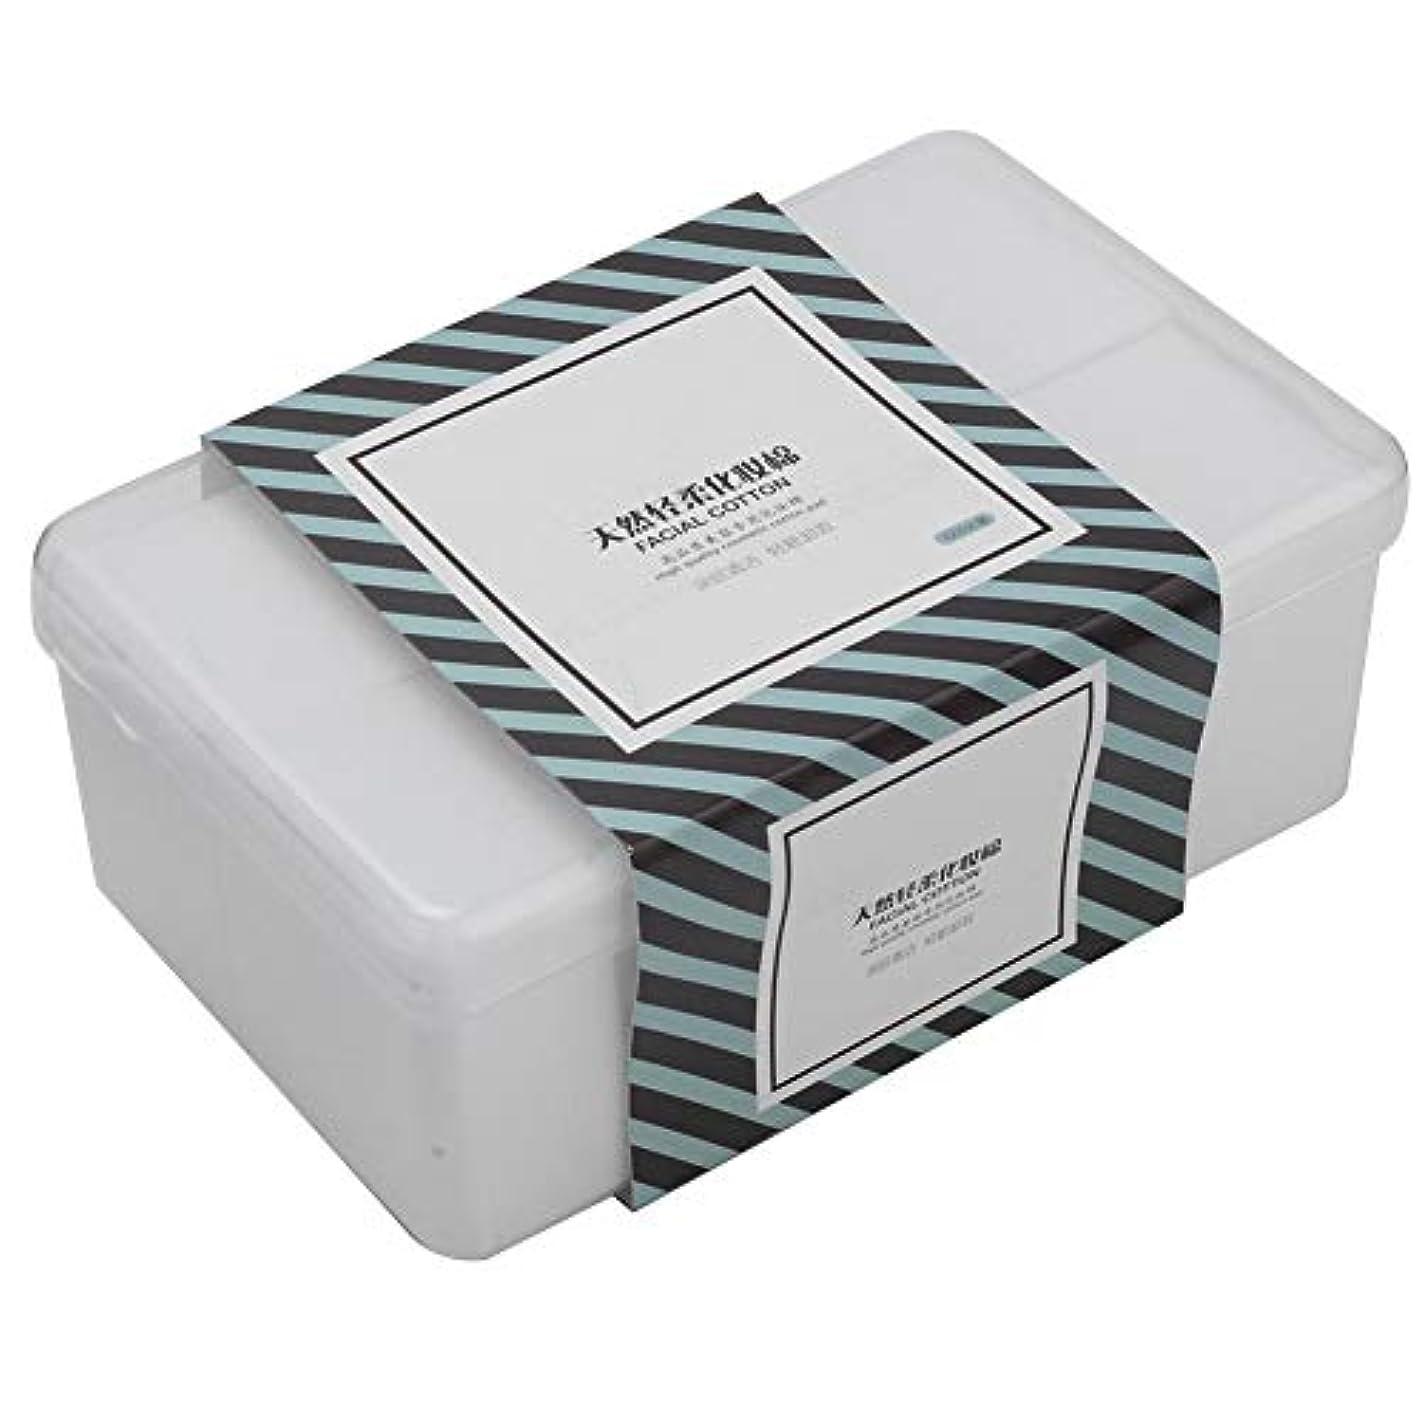 人事オークコスチューム1000Pcs /箱の構造の綿パッド、構造の除去剤のスキンケアのための顔の清潔になる綿および他の事は拭きます